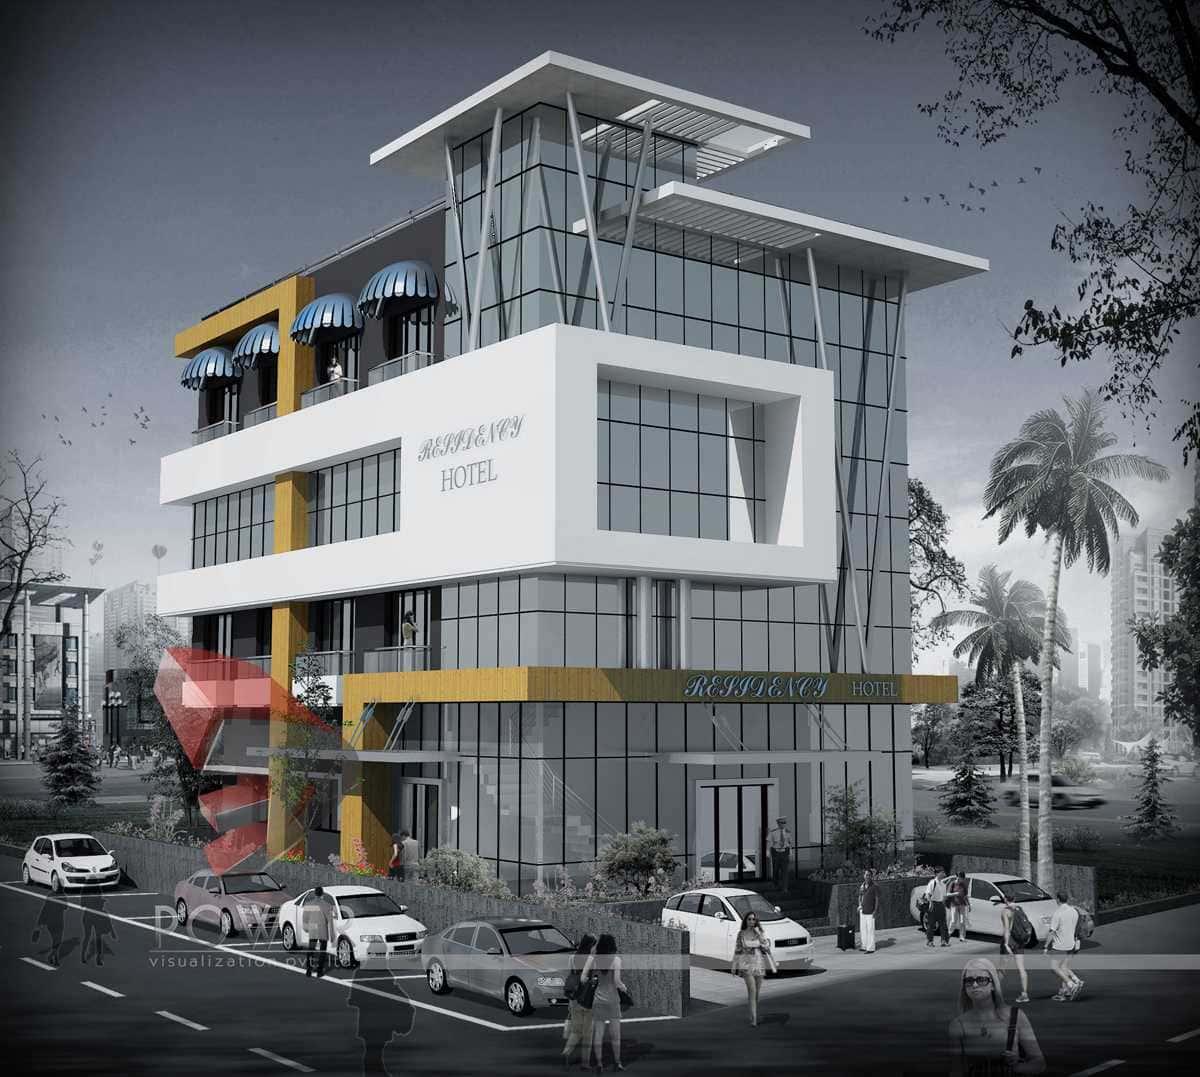 thiet ke khach san 184215 3cb52 - Thiết kế khách sạn 4 sao